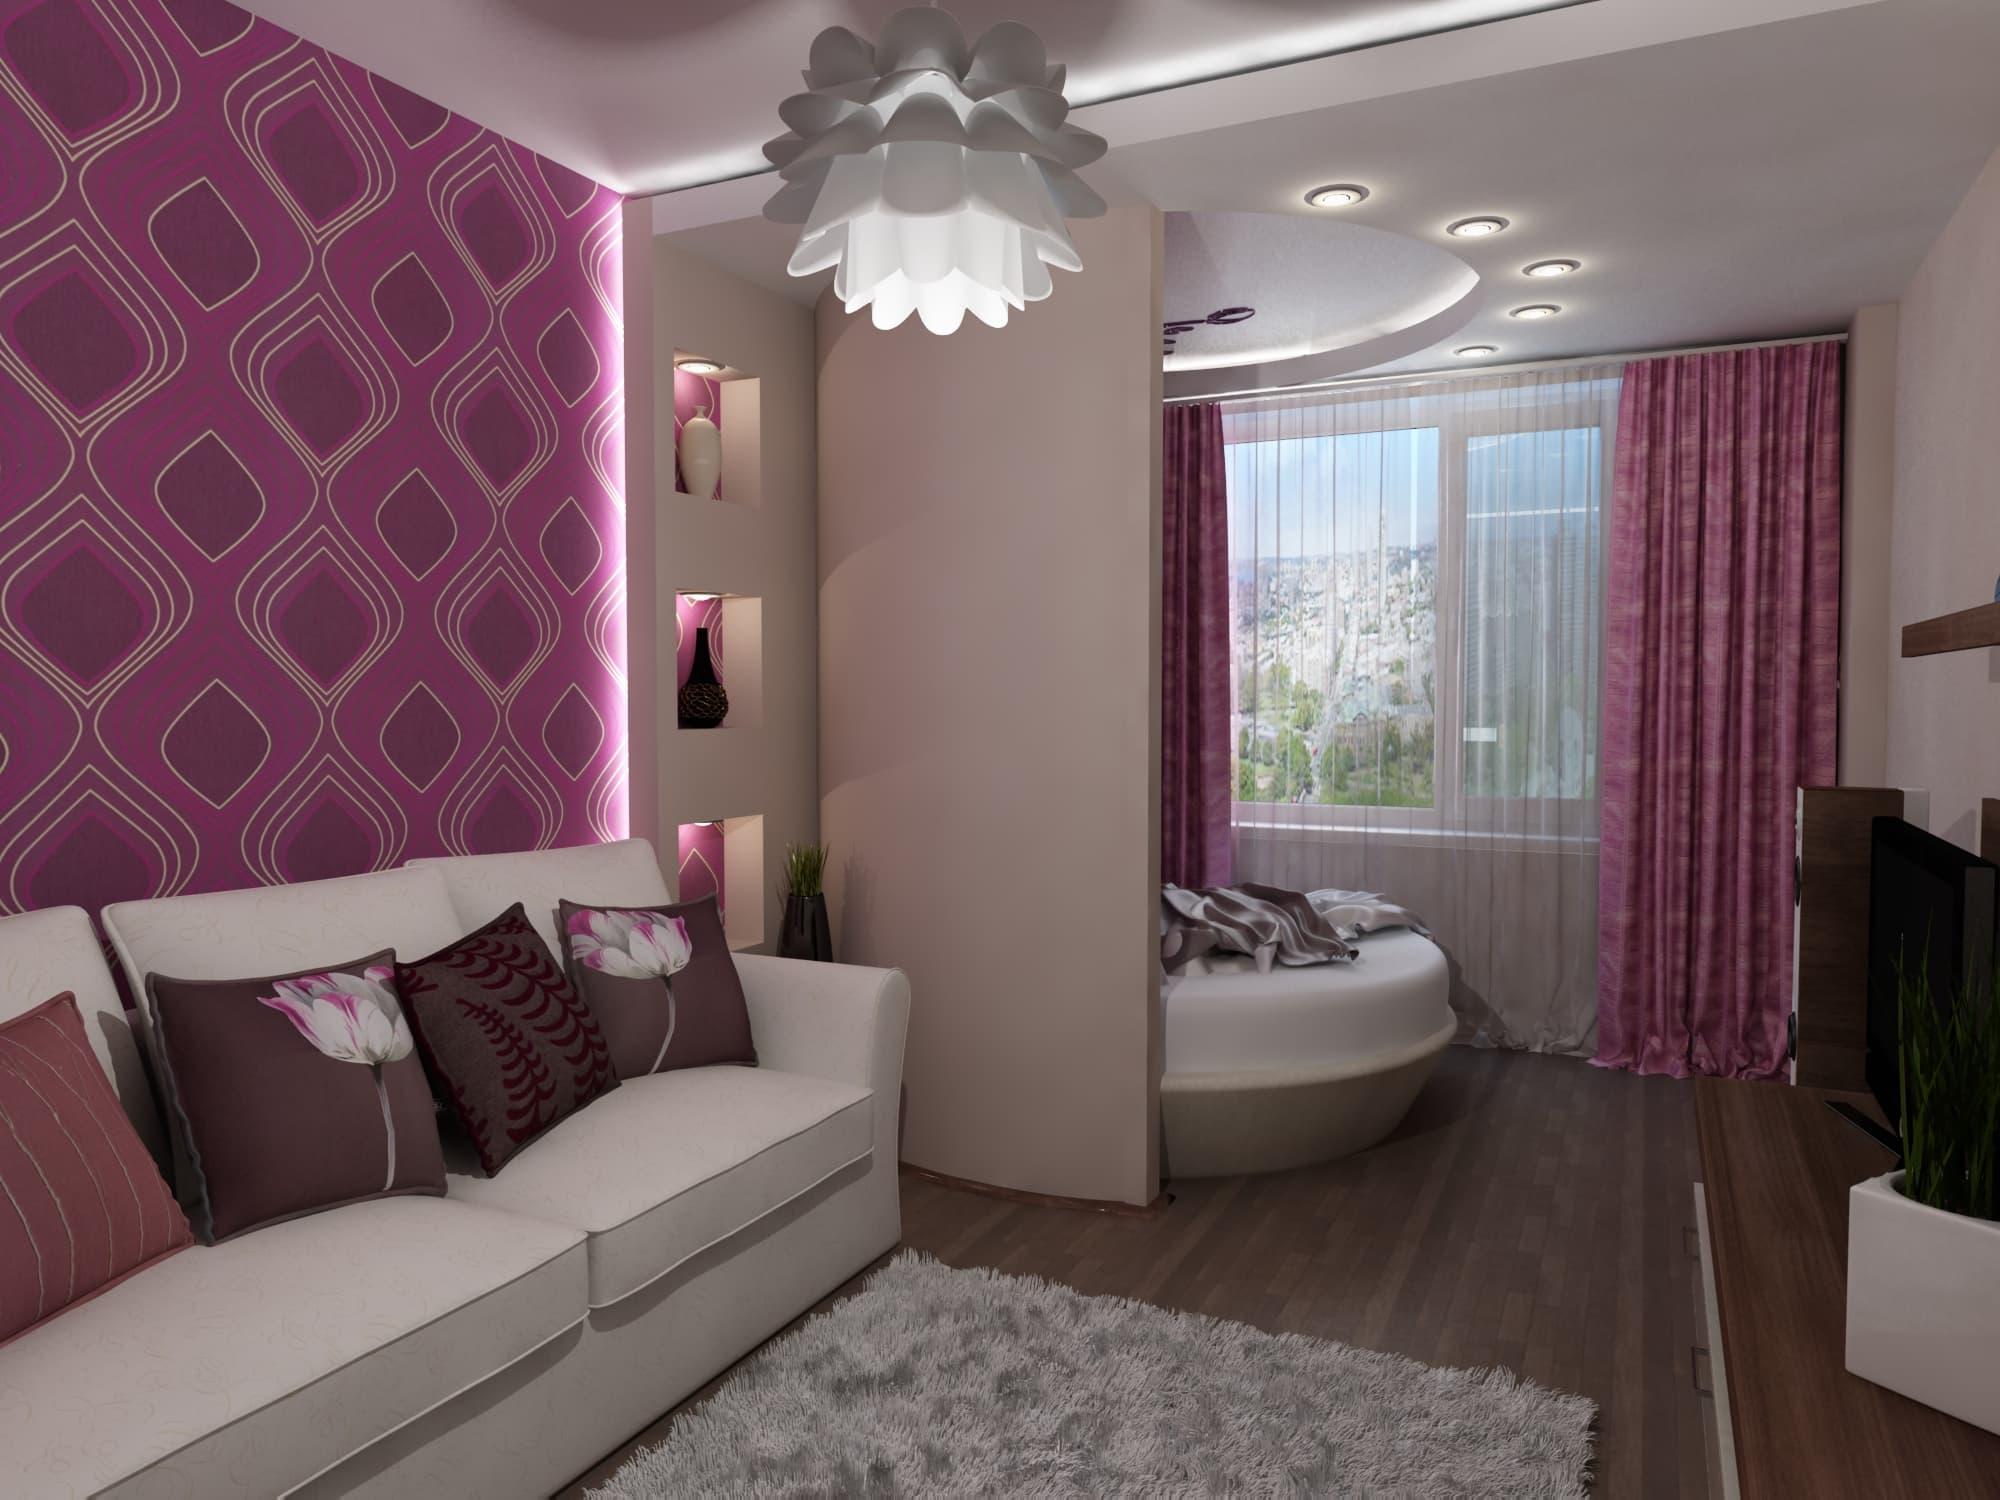 Интерьер спальни гостиной 18 кв м: зонирования, мебель и цве.